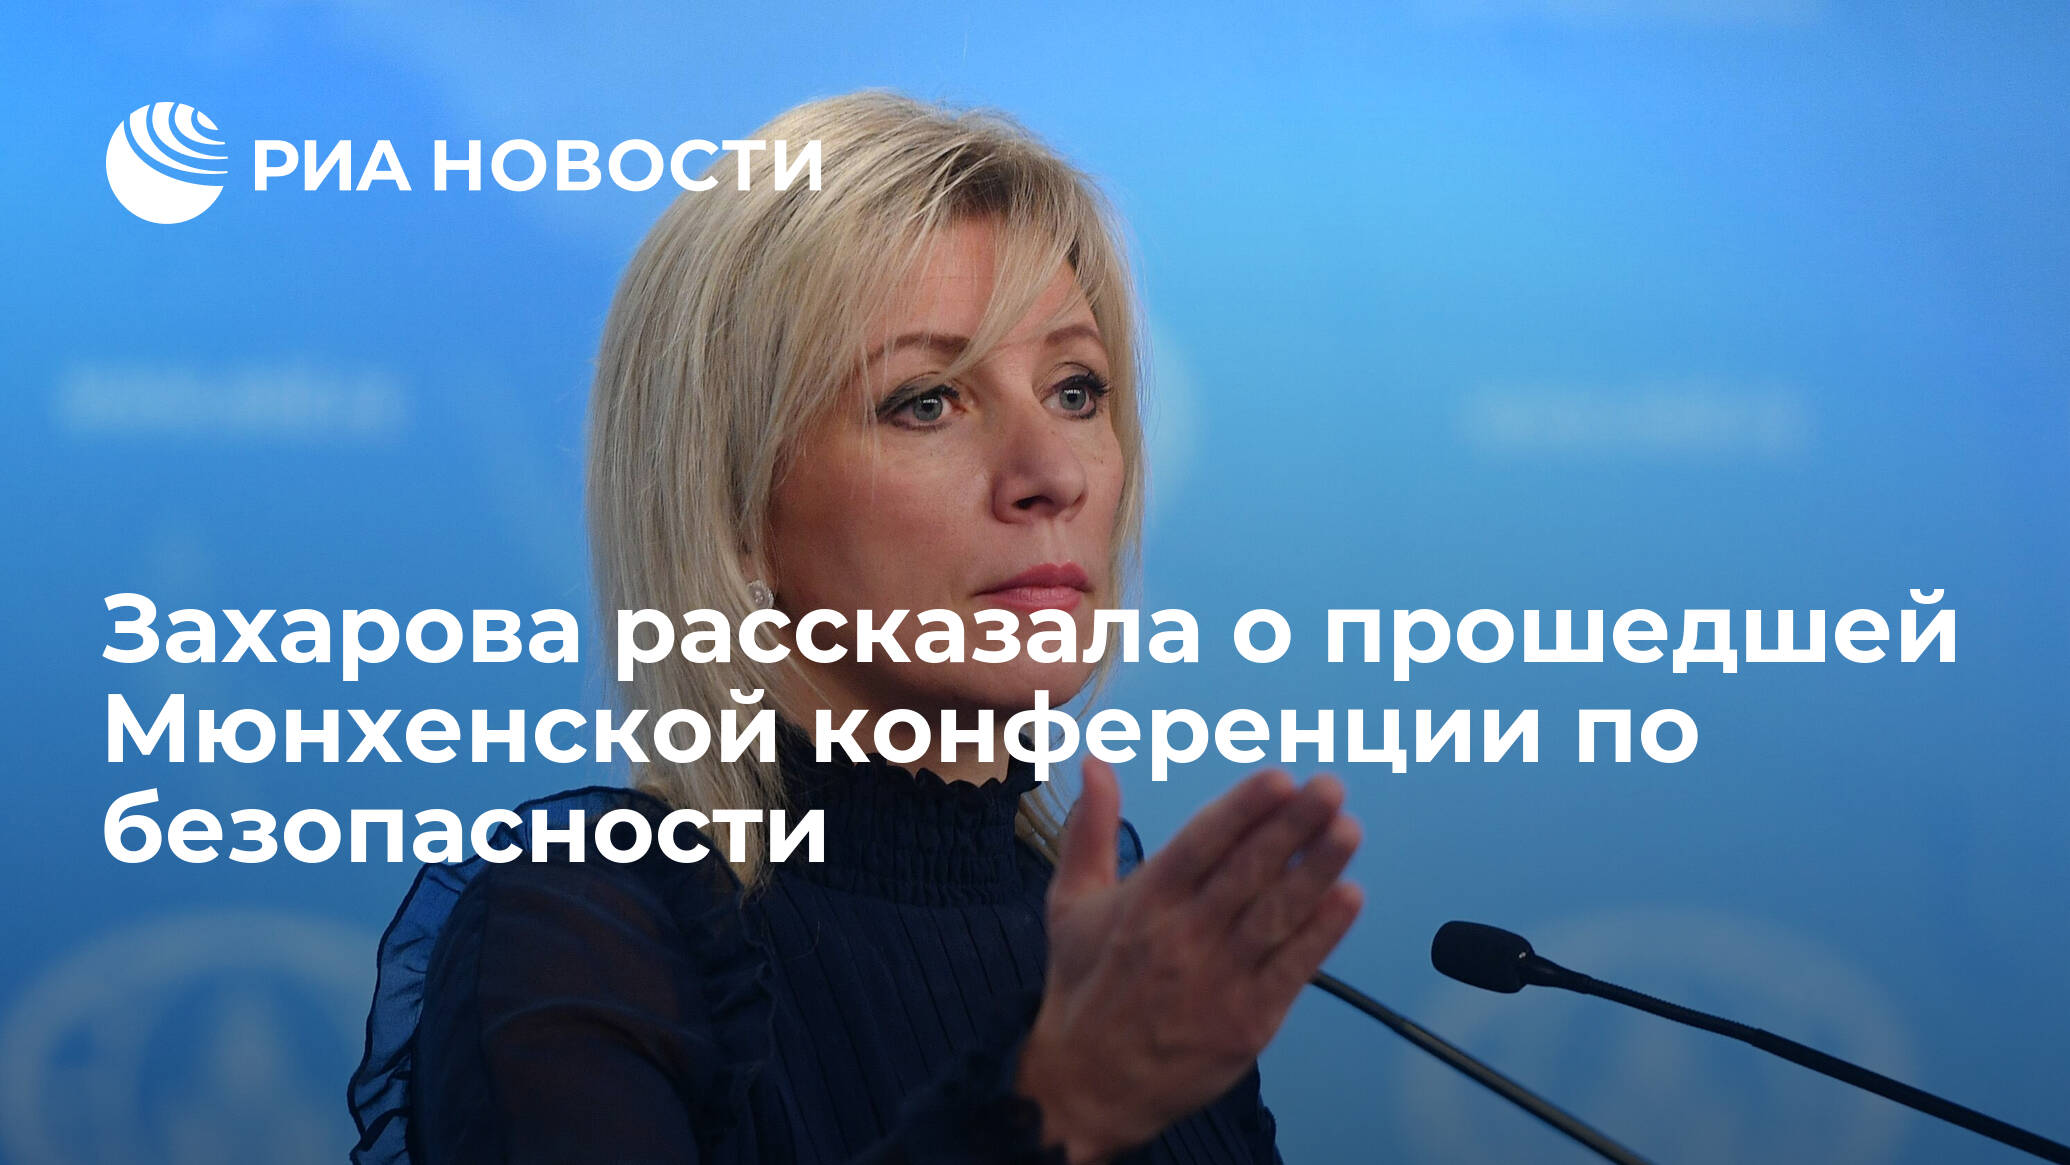 Захарова рассказала о прошедшей Мюнхенской конференции по безопасности